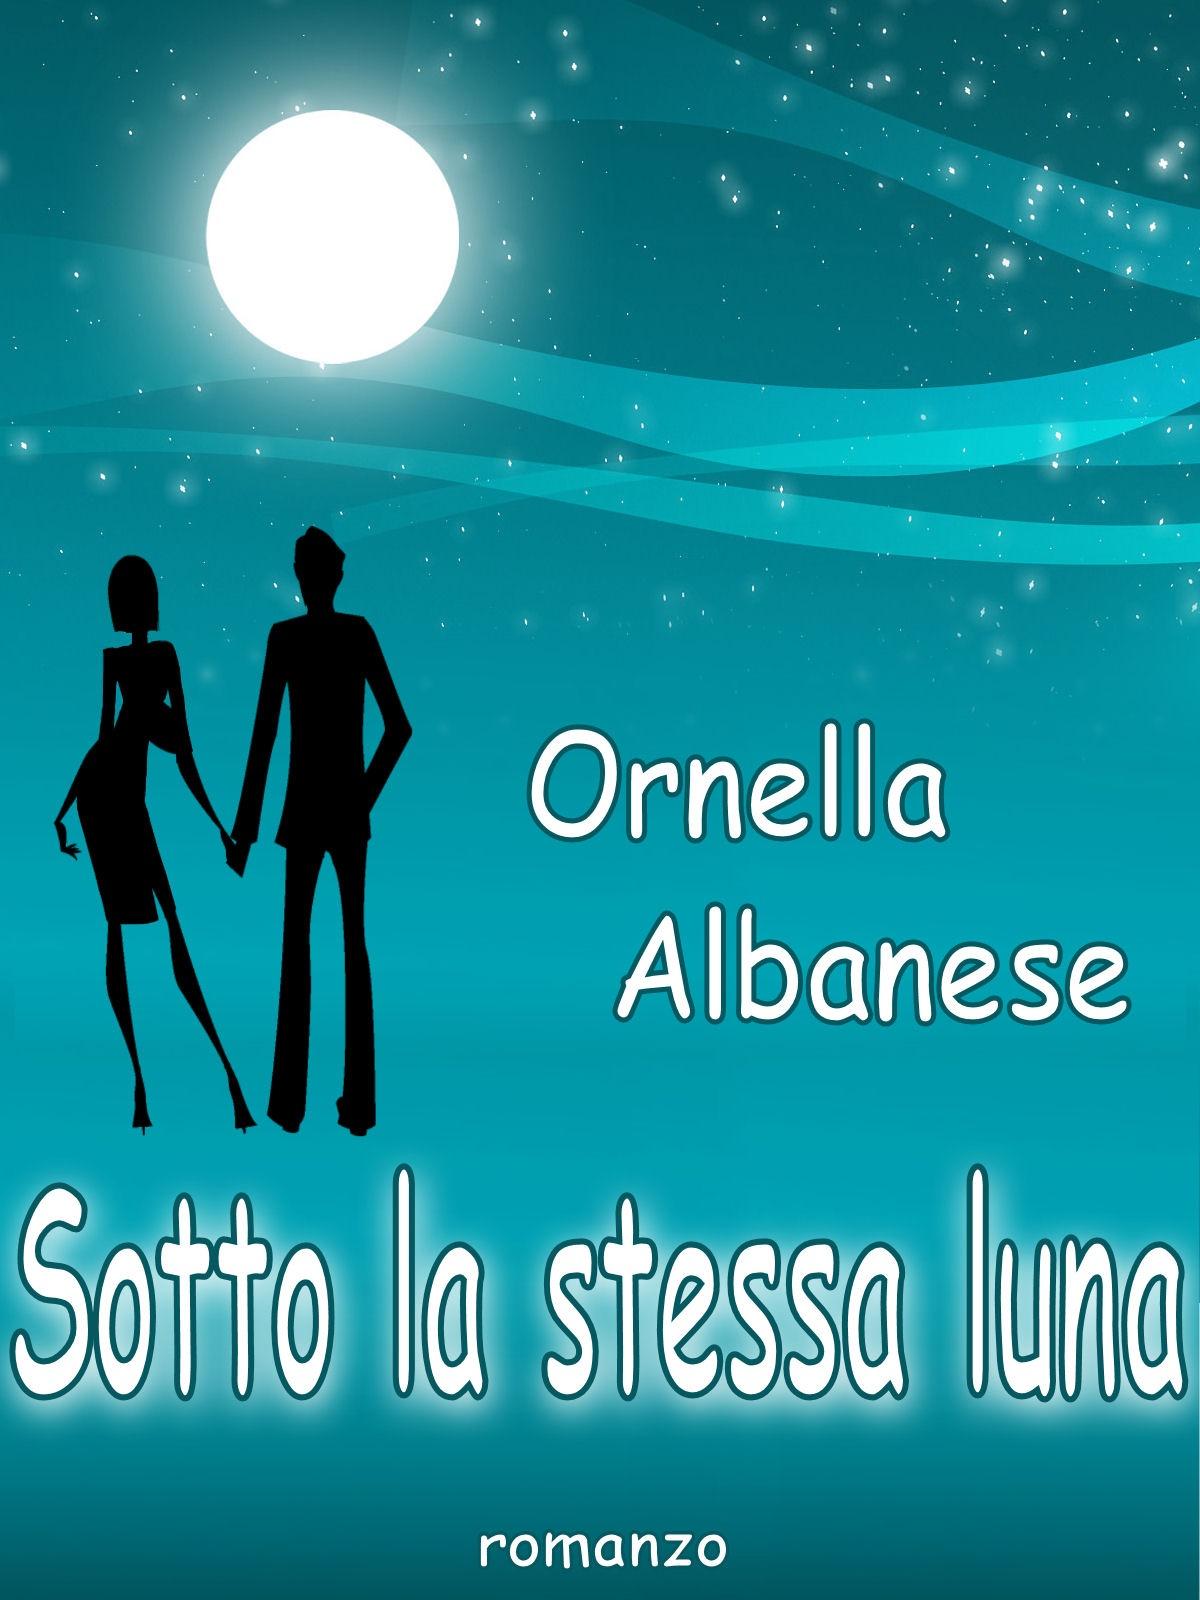 Sotto la stessa luna Ornella Albanese- le tazzine di yoko